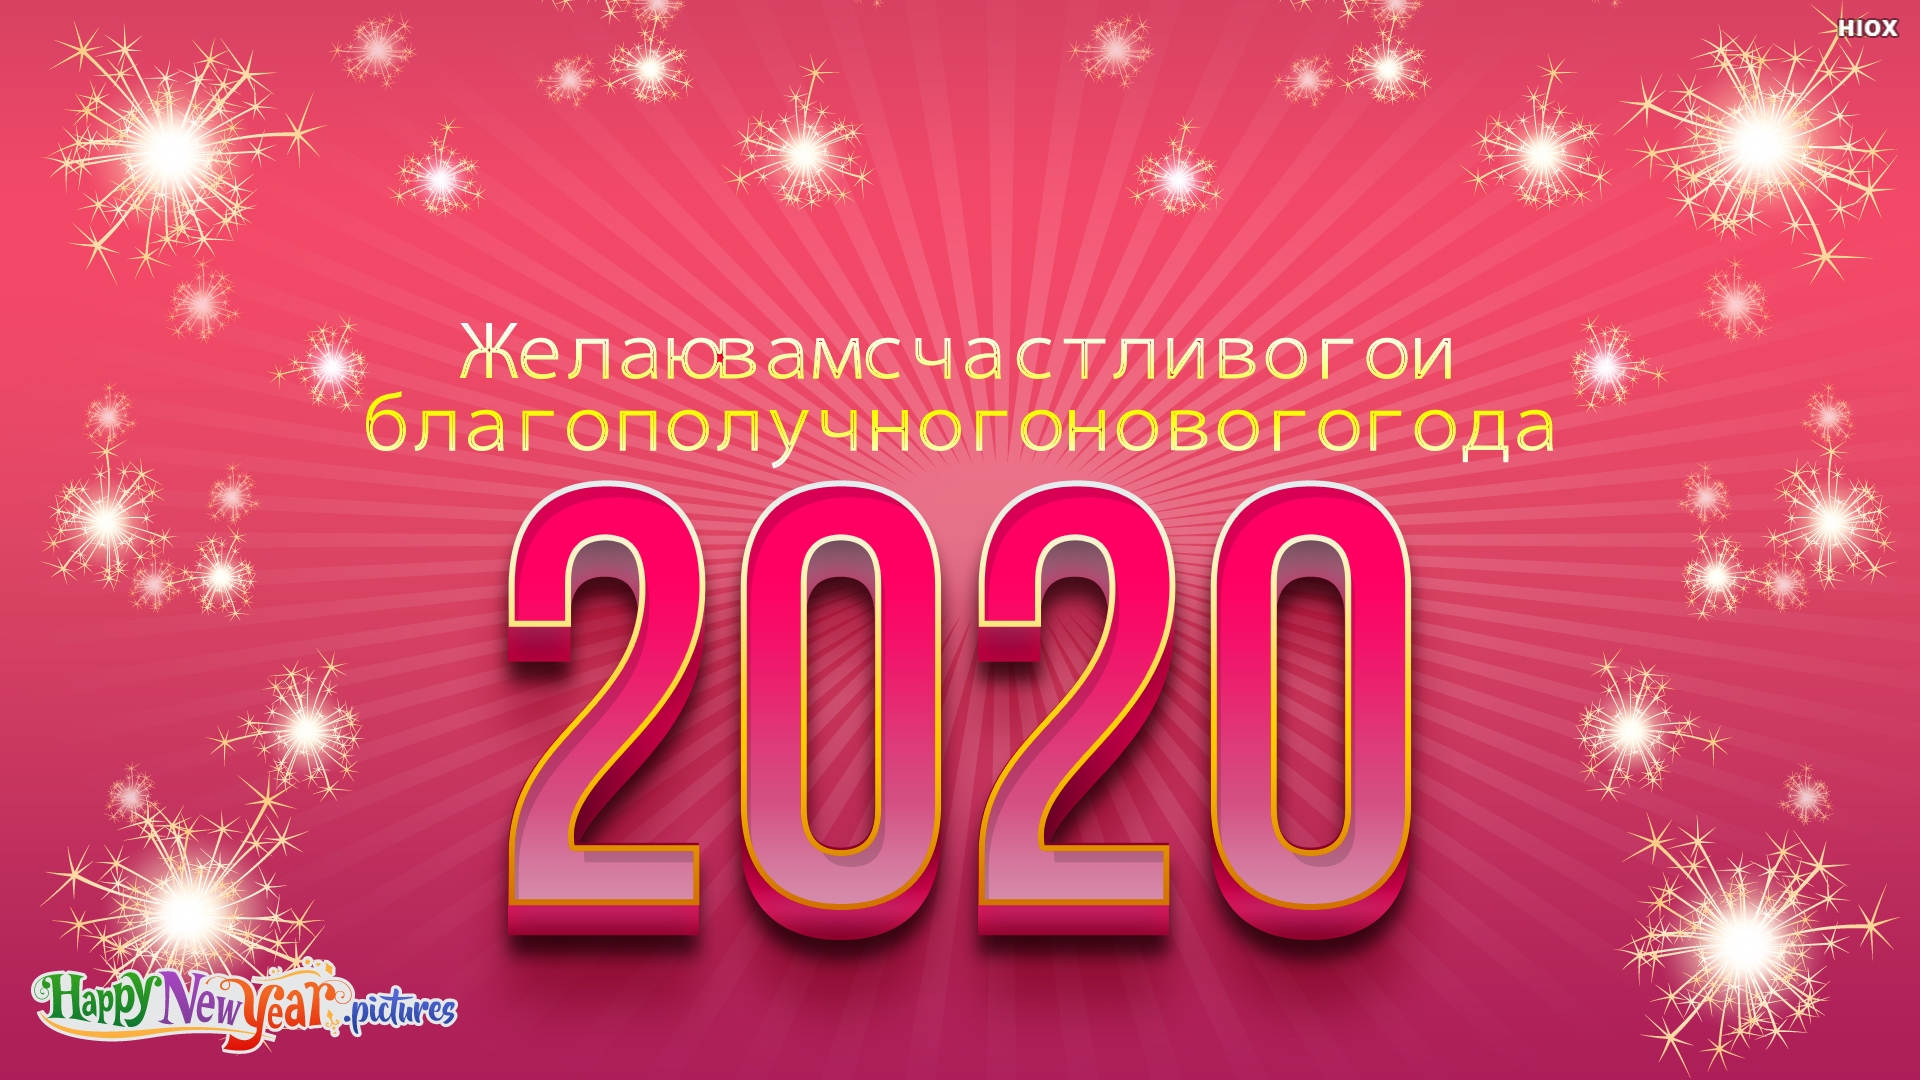 Желаю Вам Счастливого И Благополучного Нового Года